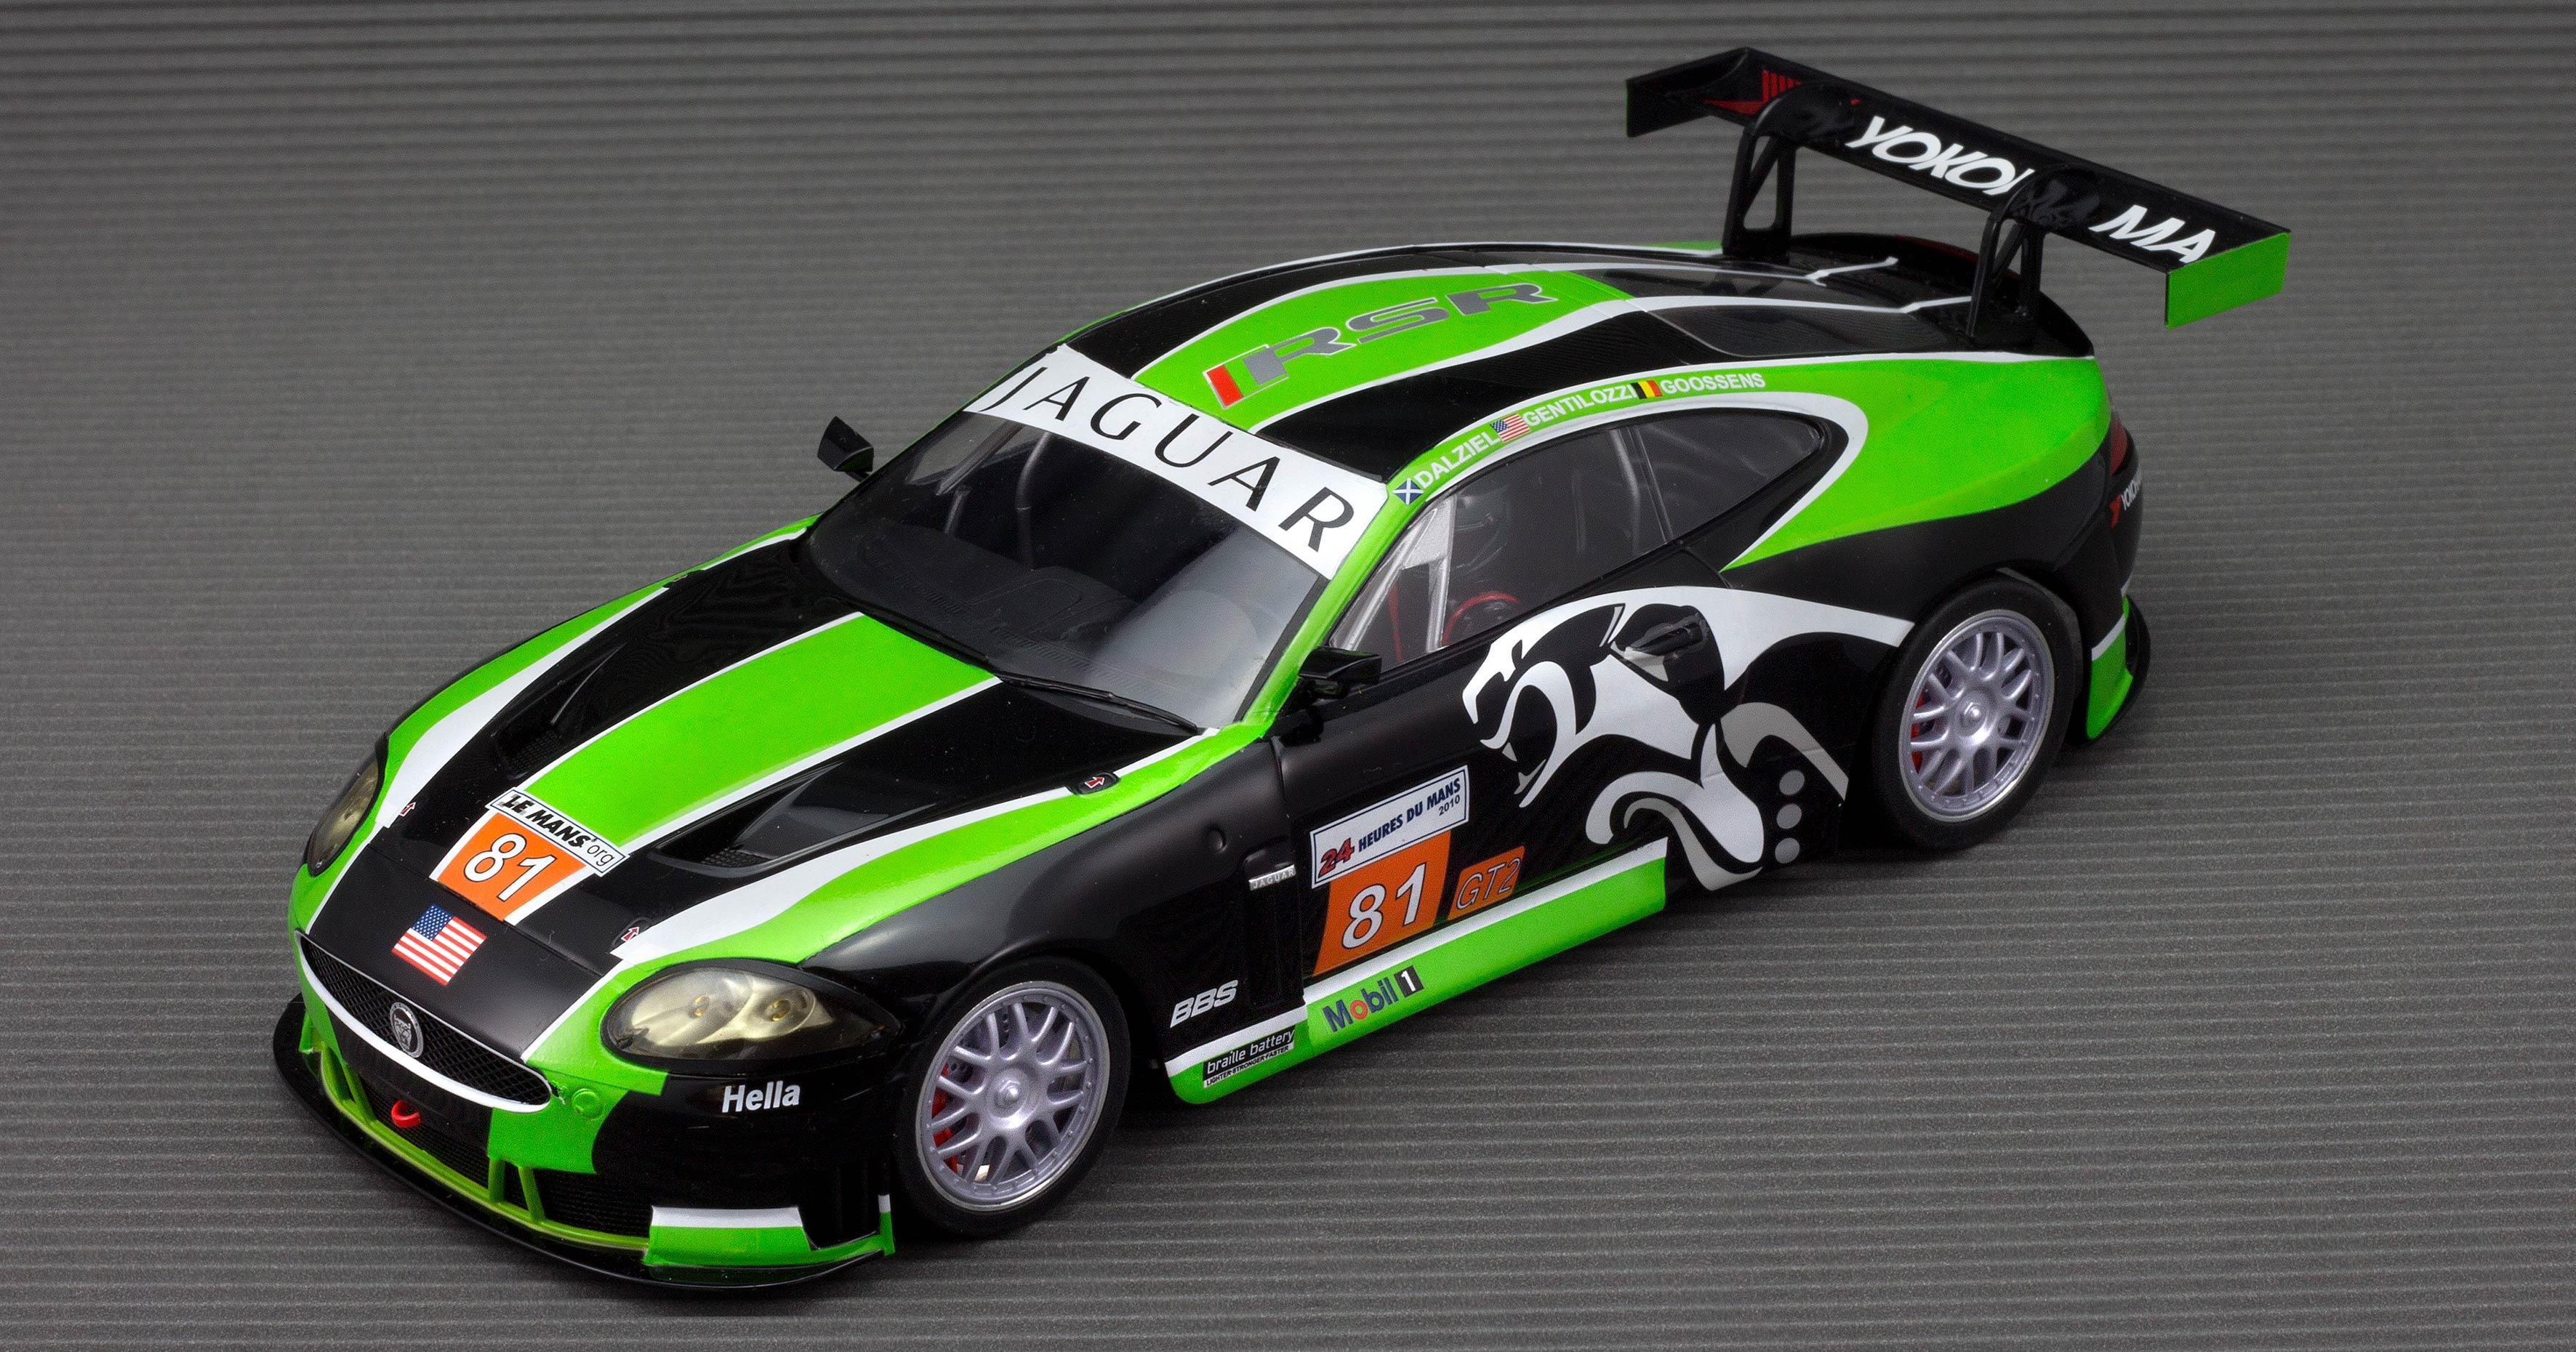 Jaguar XXR RSR GT2 LeMans 2010 #Nr.81 - Slotcarscheune.de